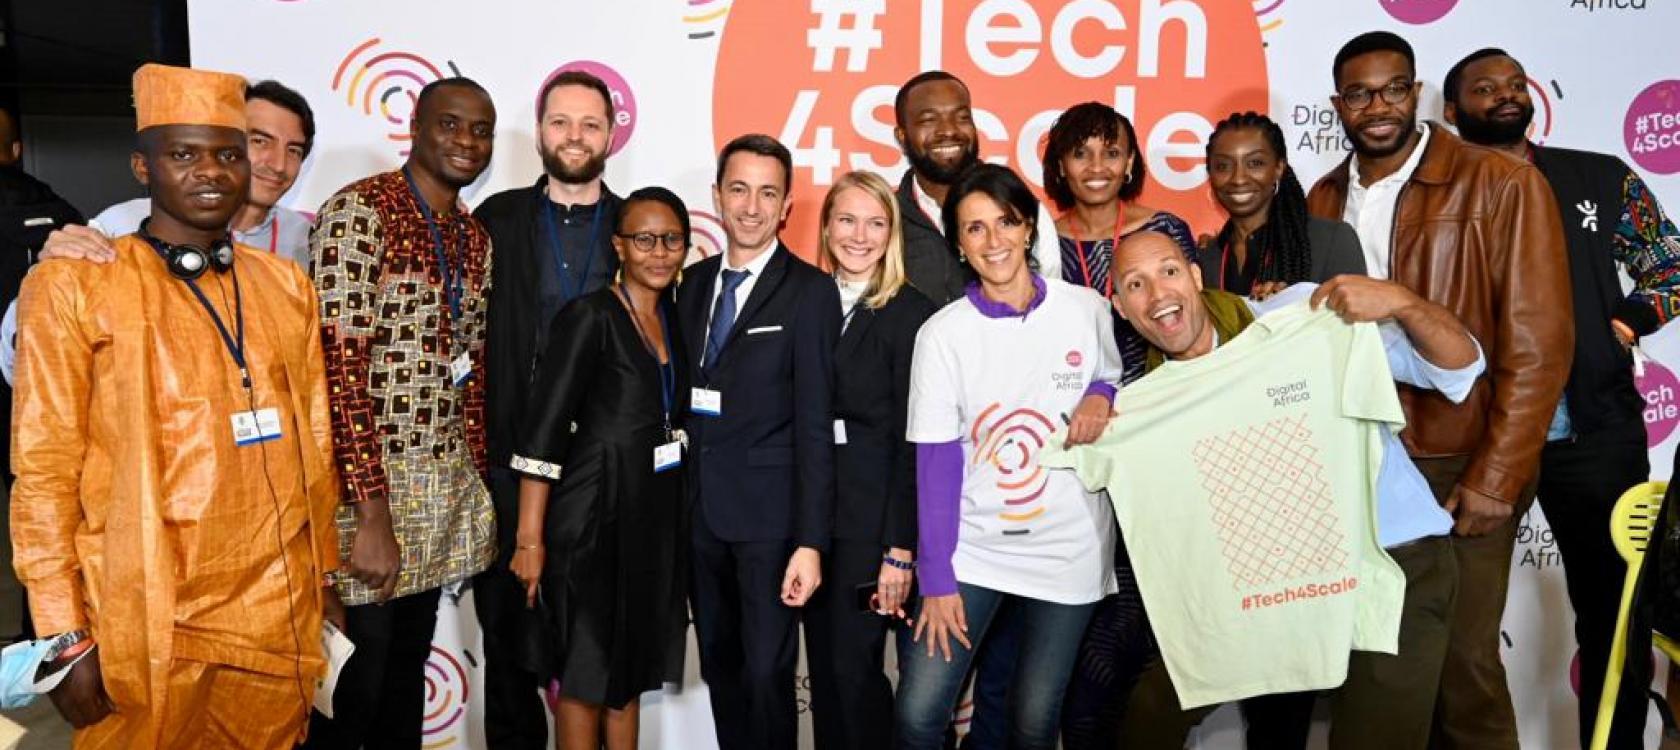 Le rapprochement entre Proparco et Digital Africa permet de renforcer l'initiative Choose Africa au bénéfice des start-ups